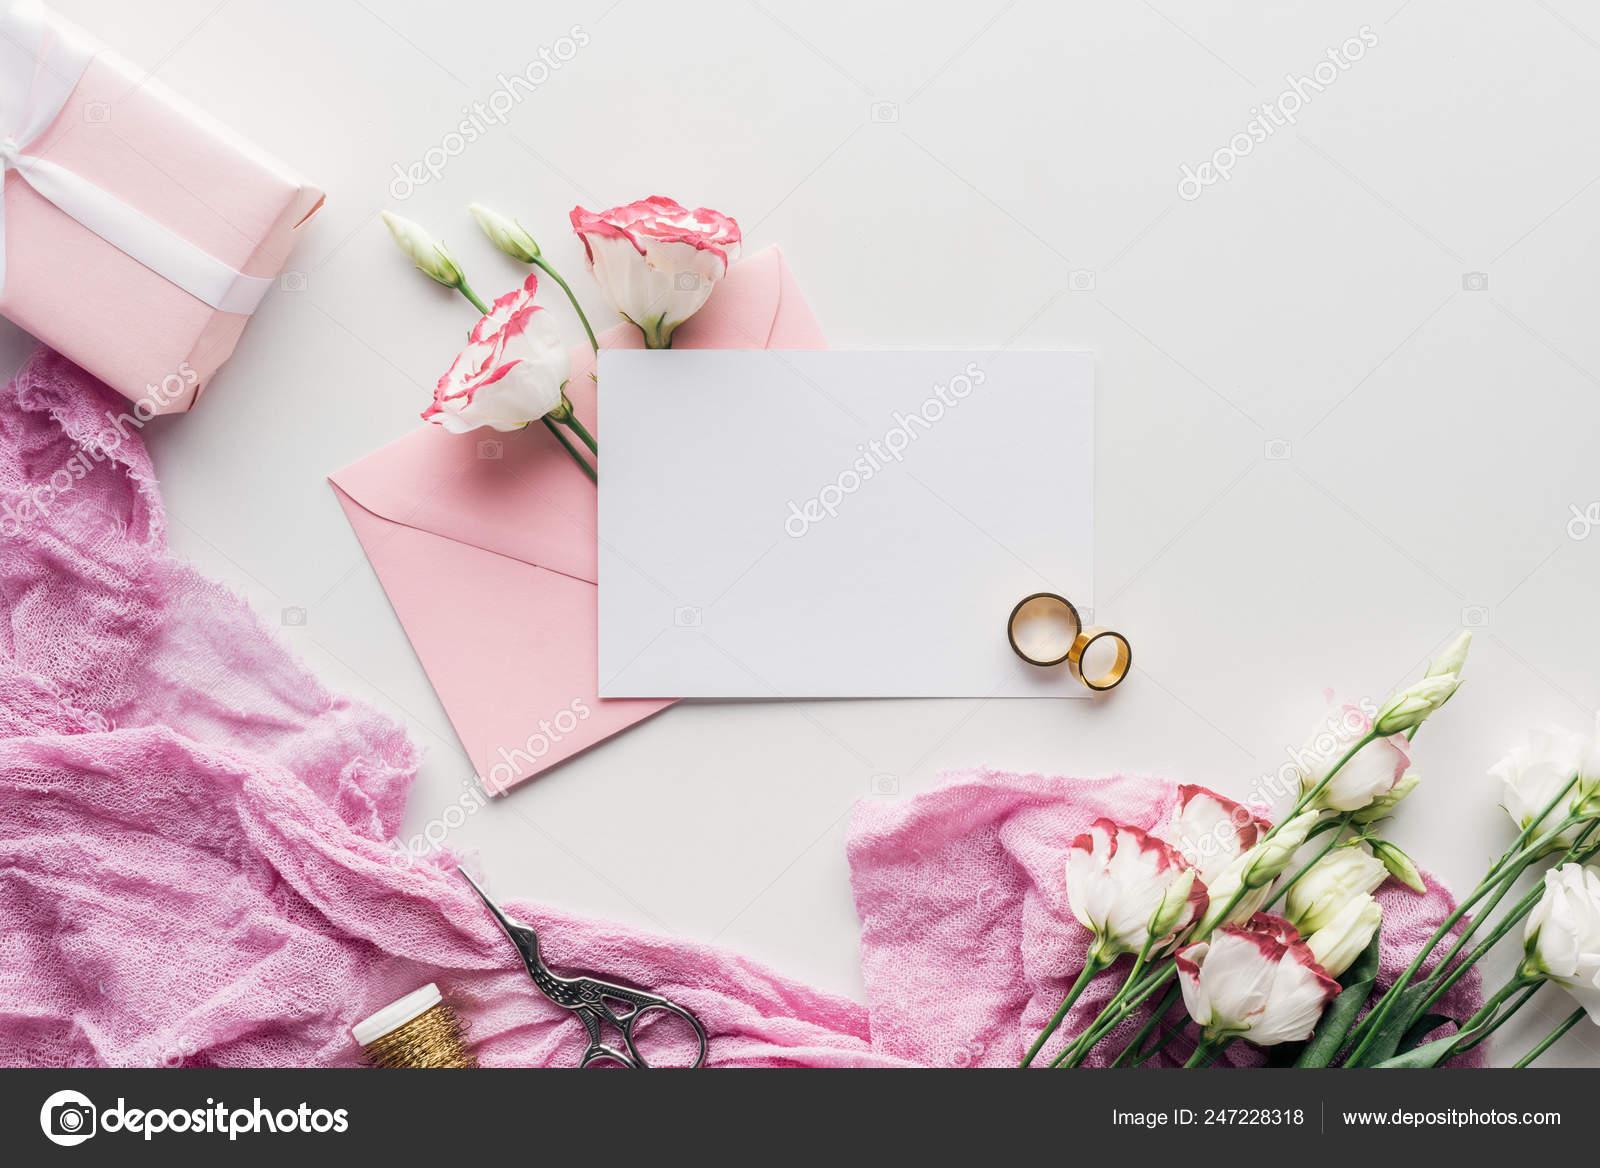 Draufsicht Der Leere Karte Mit Rosa Umschlag Blumen Tuch